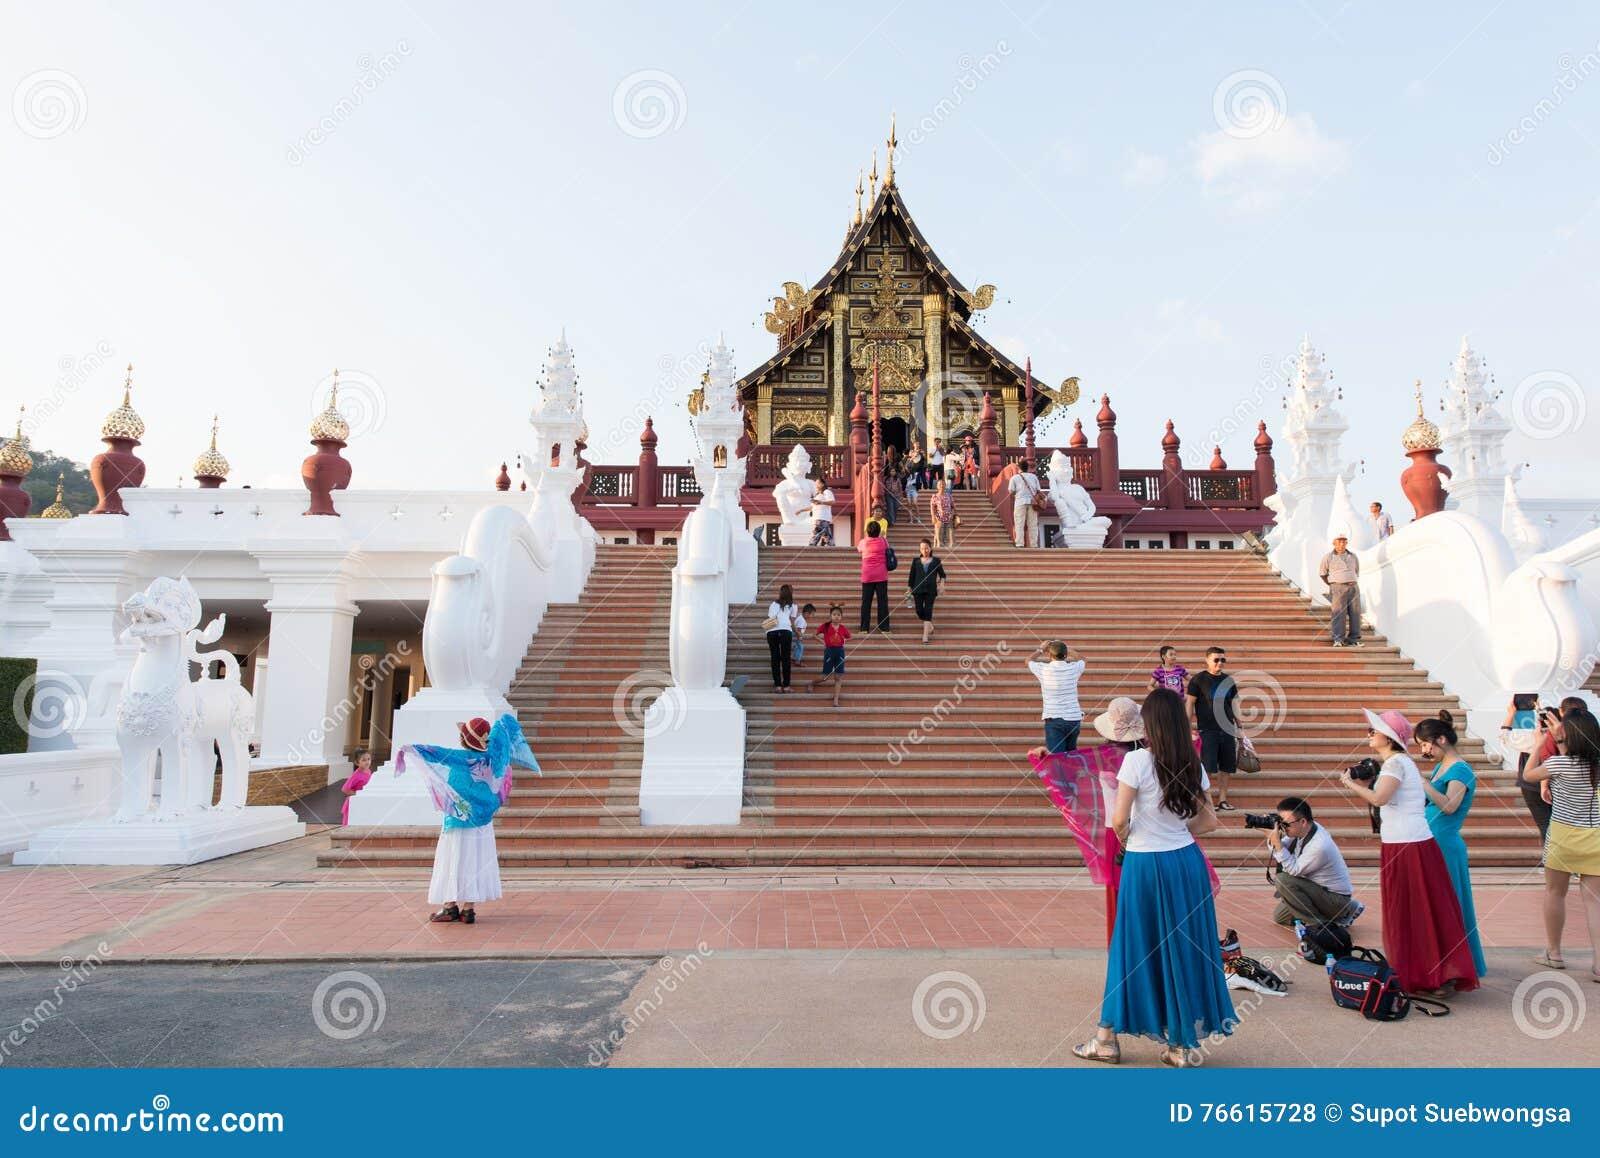 Visitantes em Ho Kham Luang Royal Pavilion e no parque público em Chaing Mai Province On December 31, 2014, Tailândia